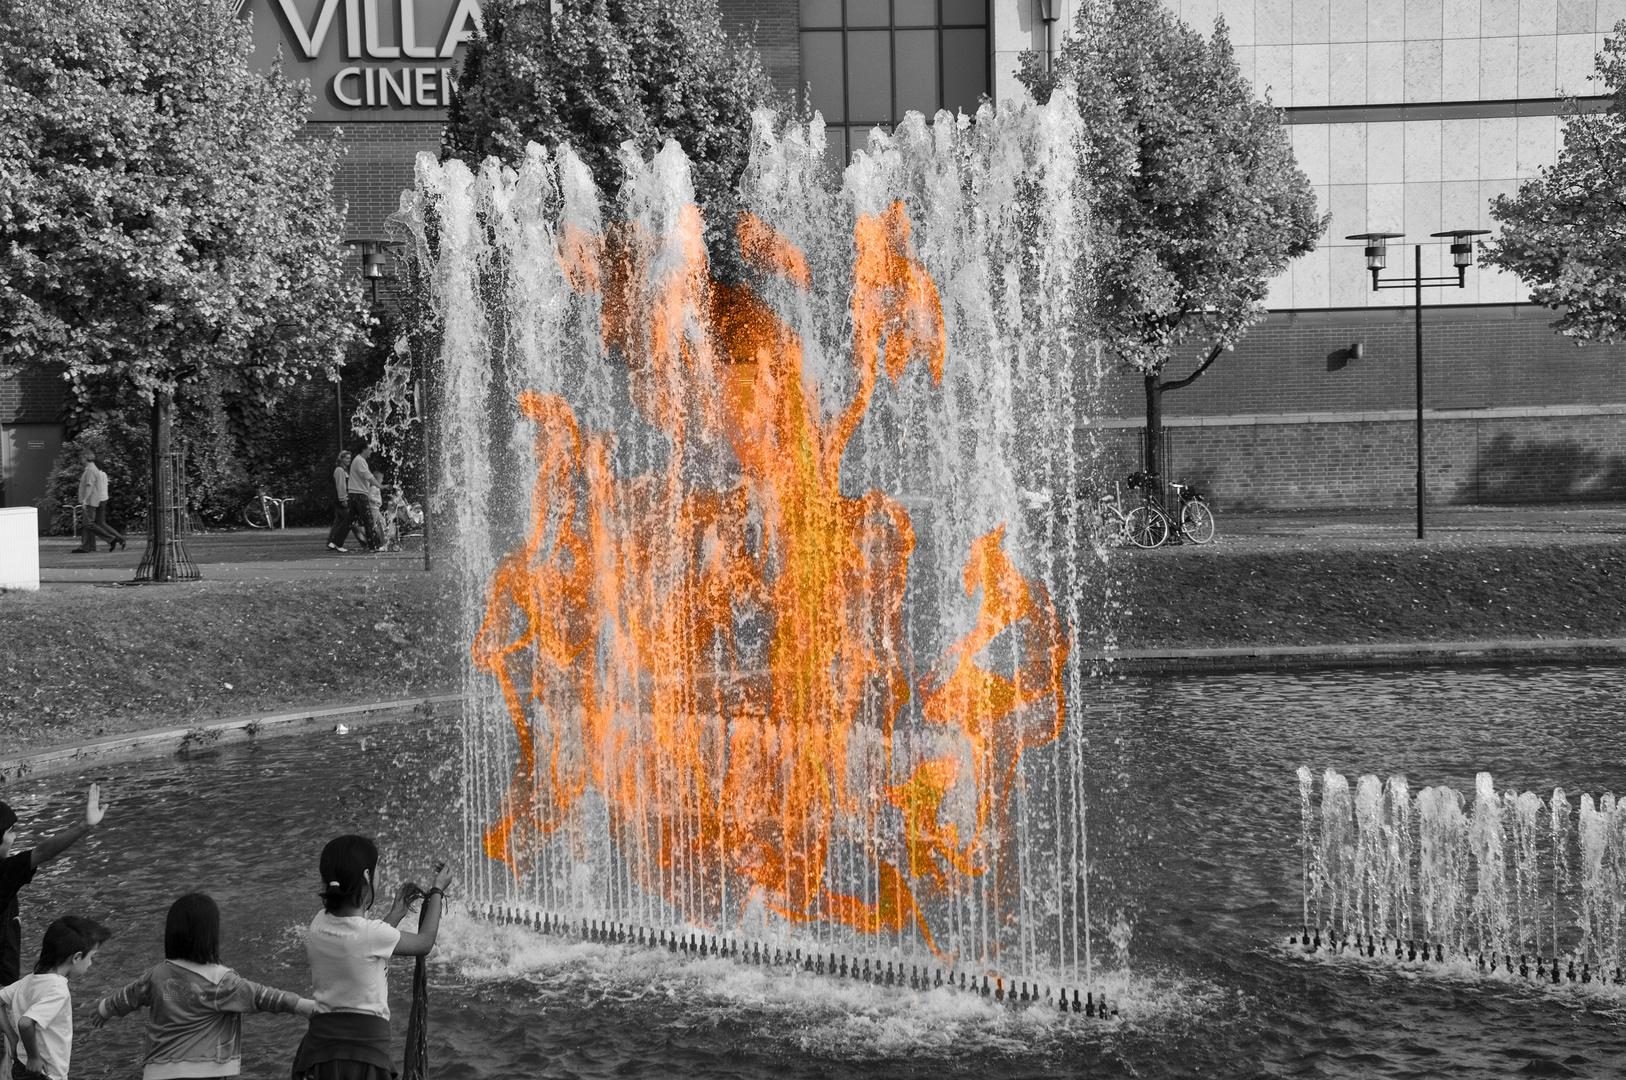 Verschmelzung der Elemente Feuer und Wasser